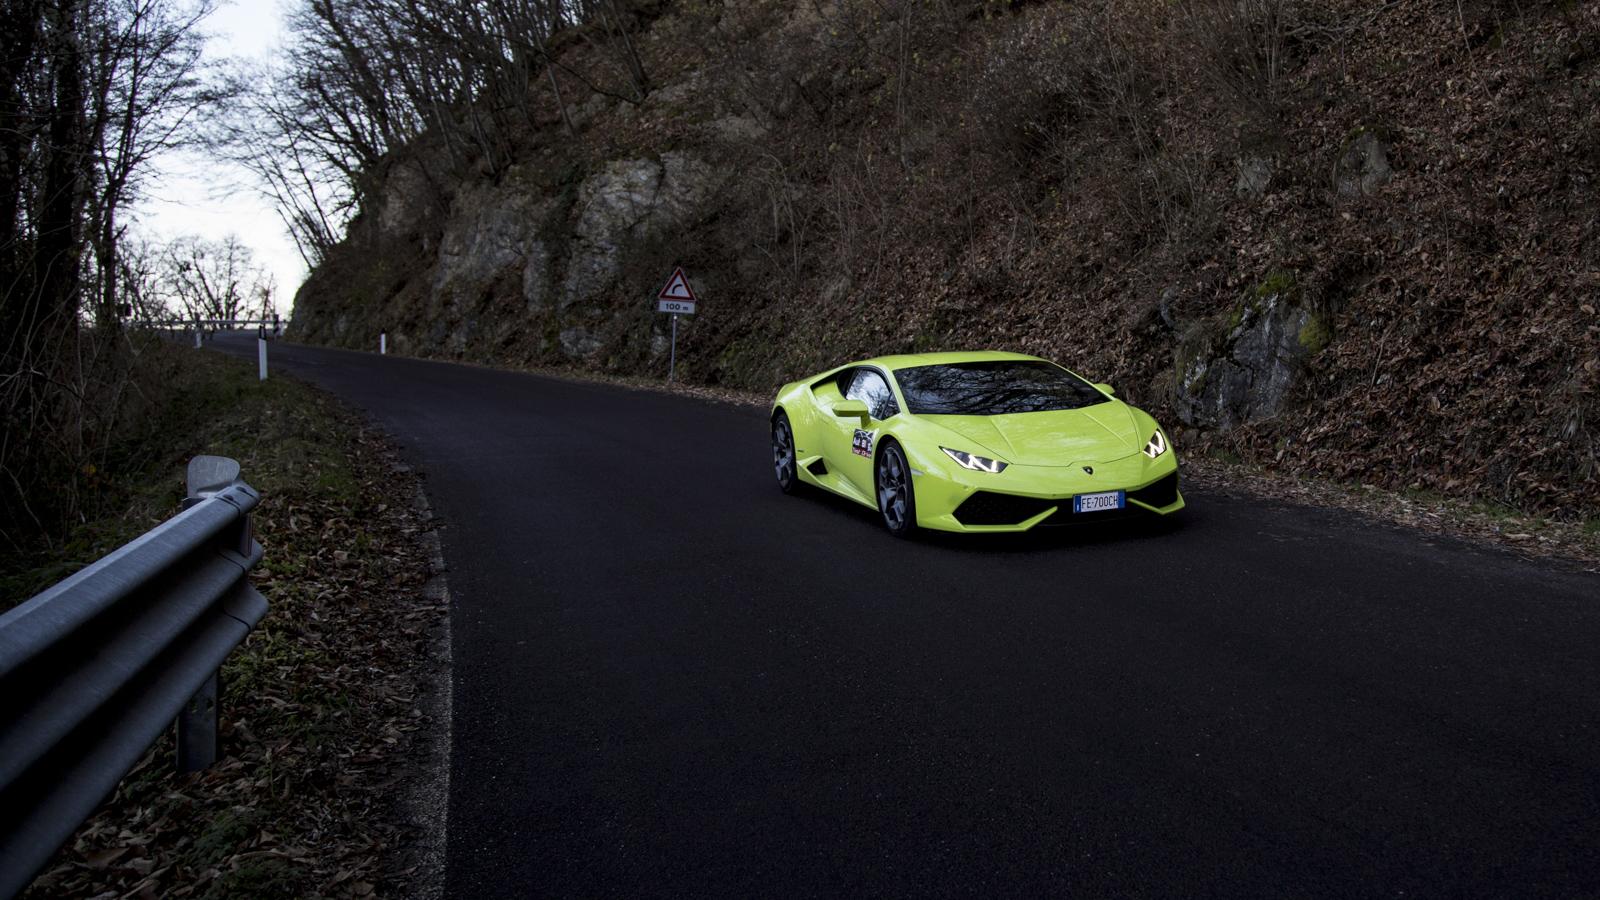 Test_Drive_Lamborghini_Huracan_LP610-4_50